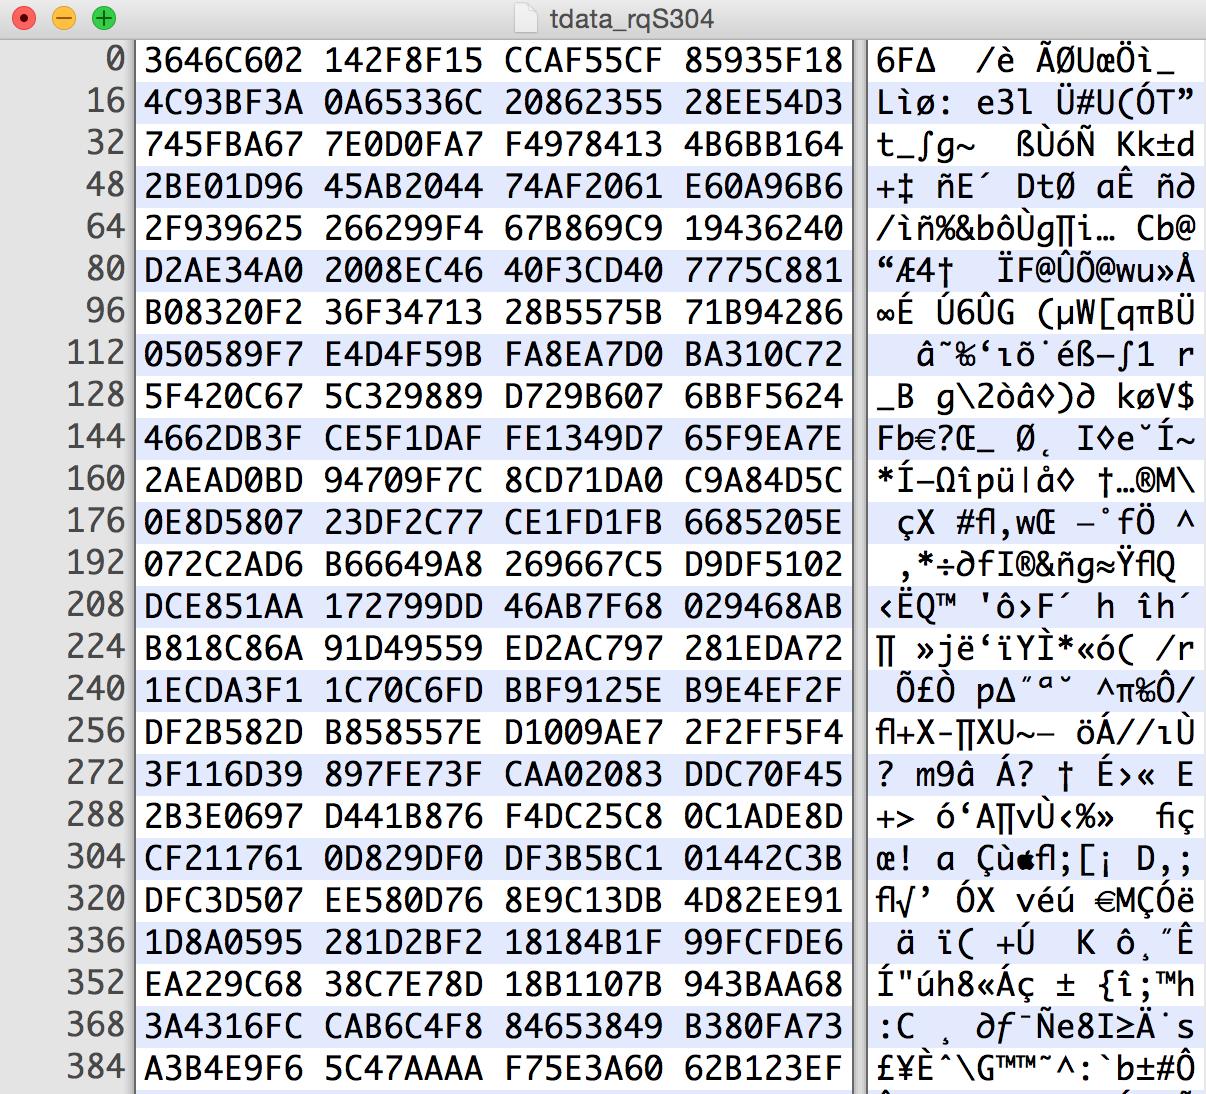 傲游浏览器漏洞系列(下)- 客户端 SQL 注入和代码执行漏洞